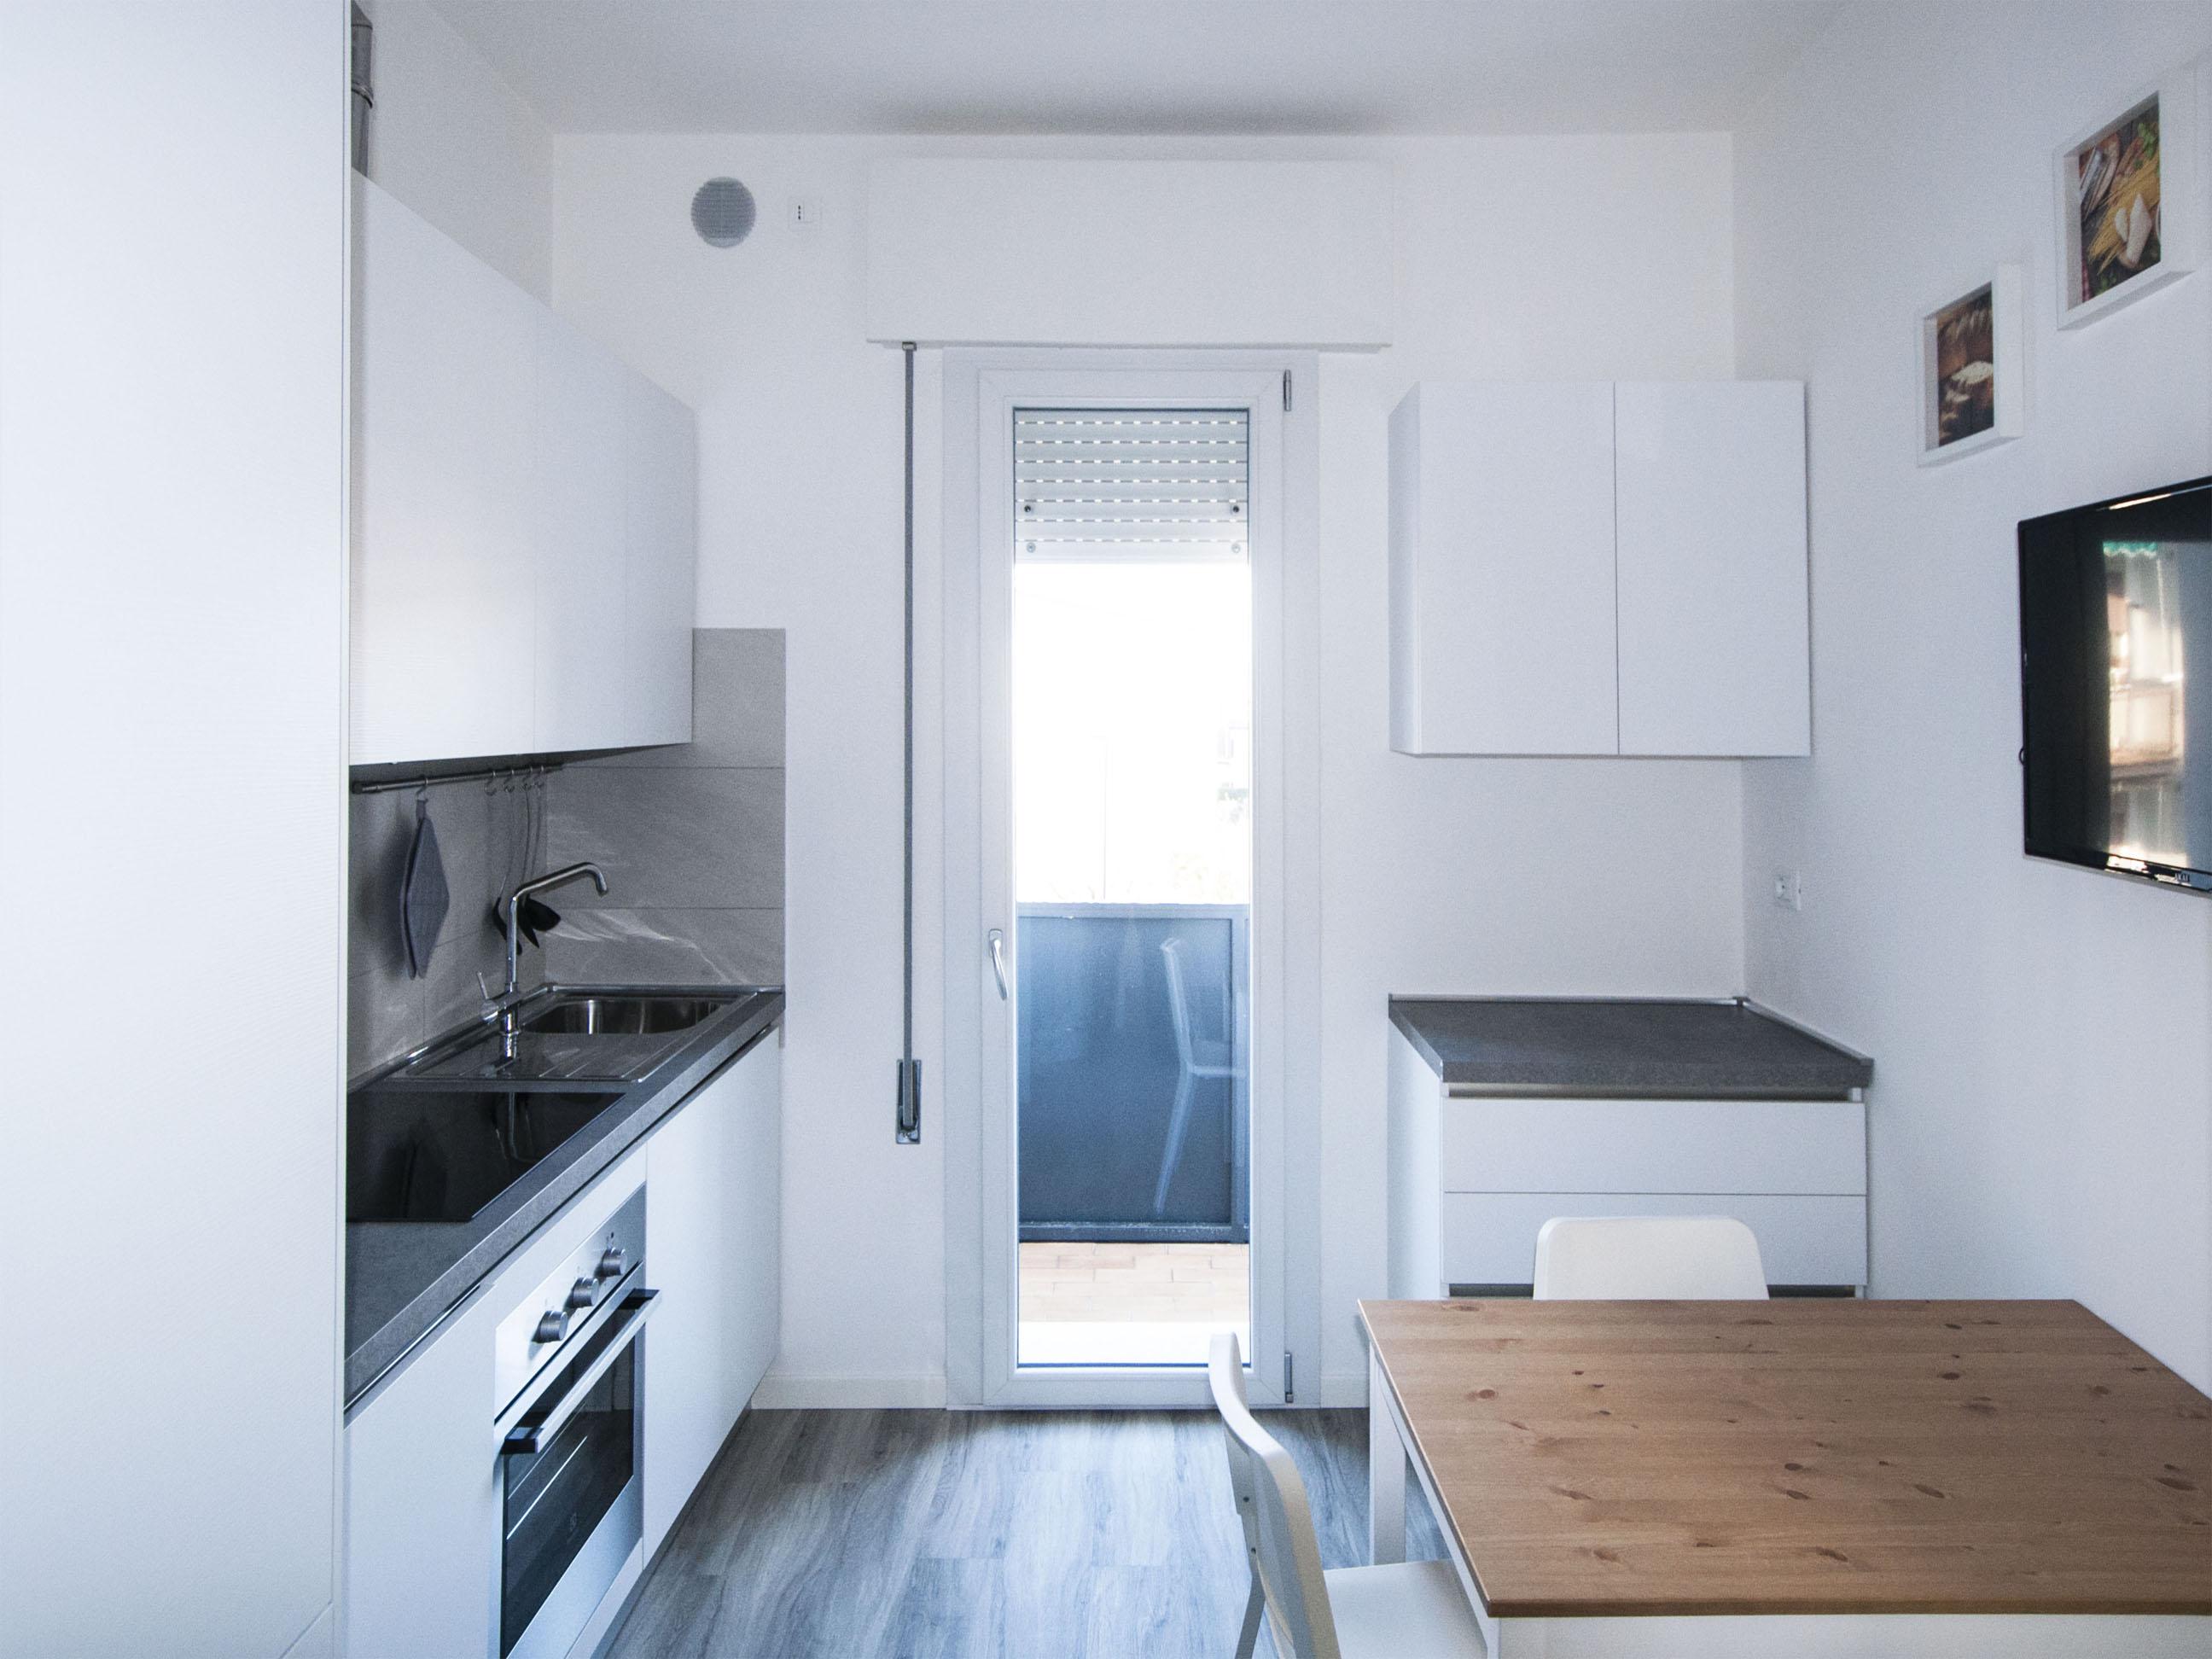 Treviso - Camere in Affitto - San Zeno - Studio Architettura Zanatta 08